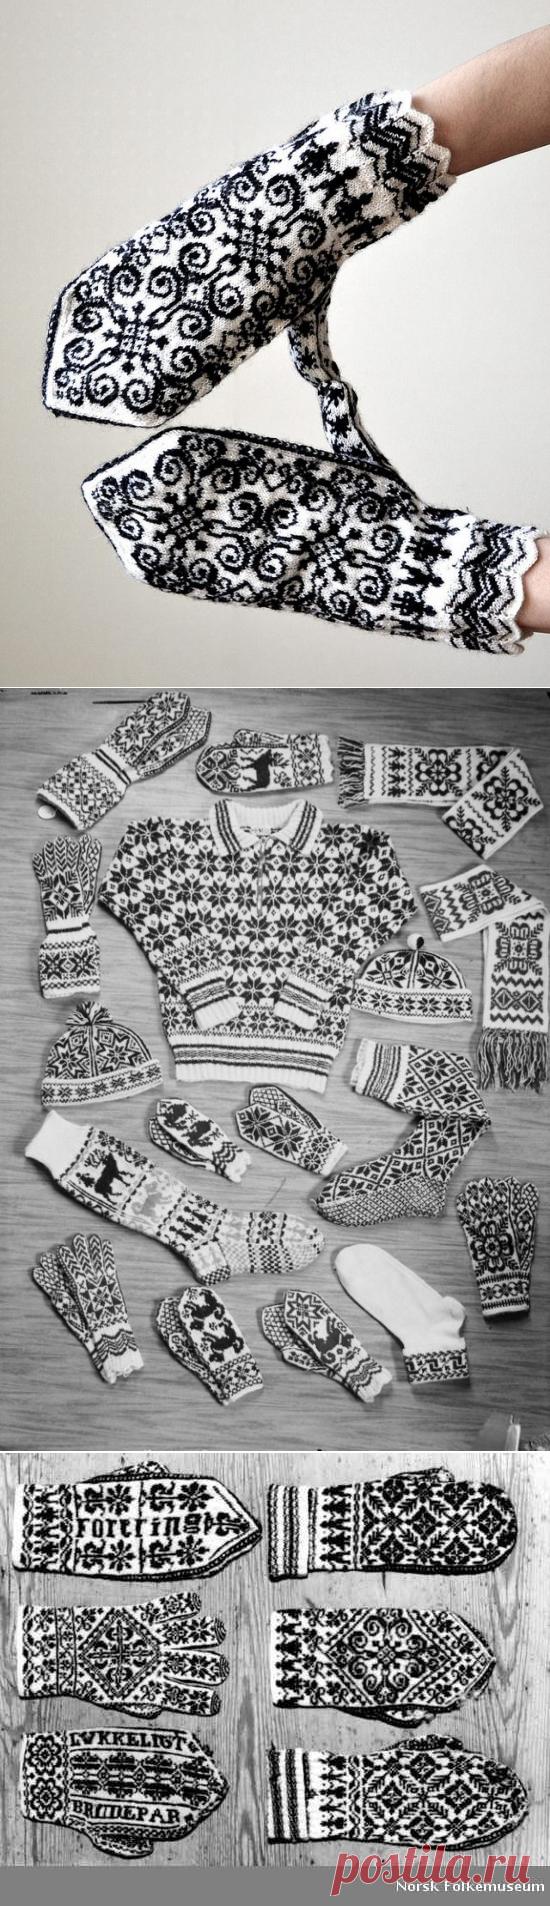 Традиции вязания, или история знаменитых узорных варежек